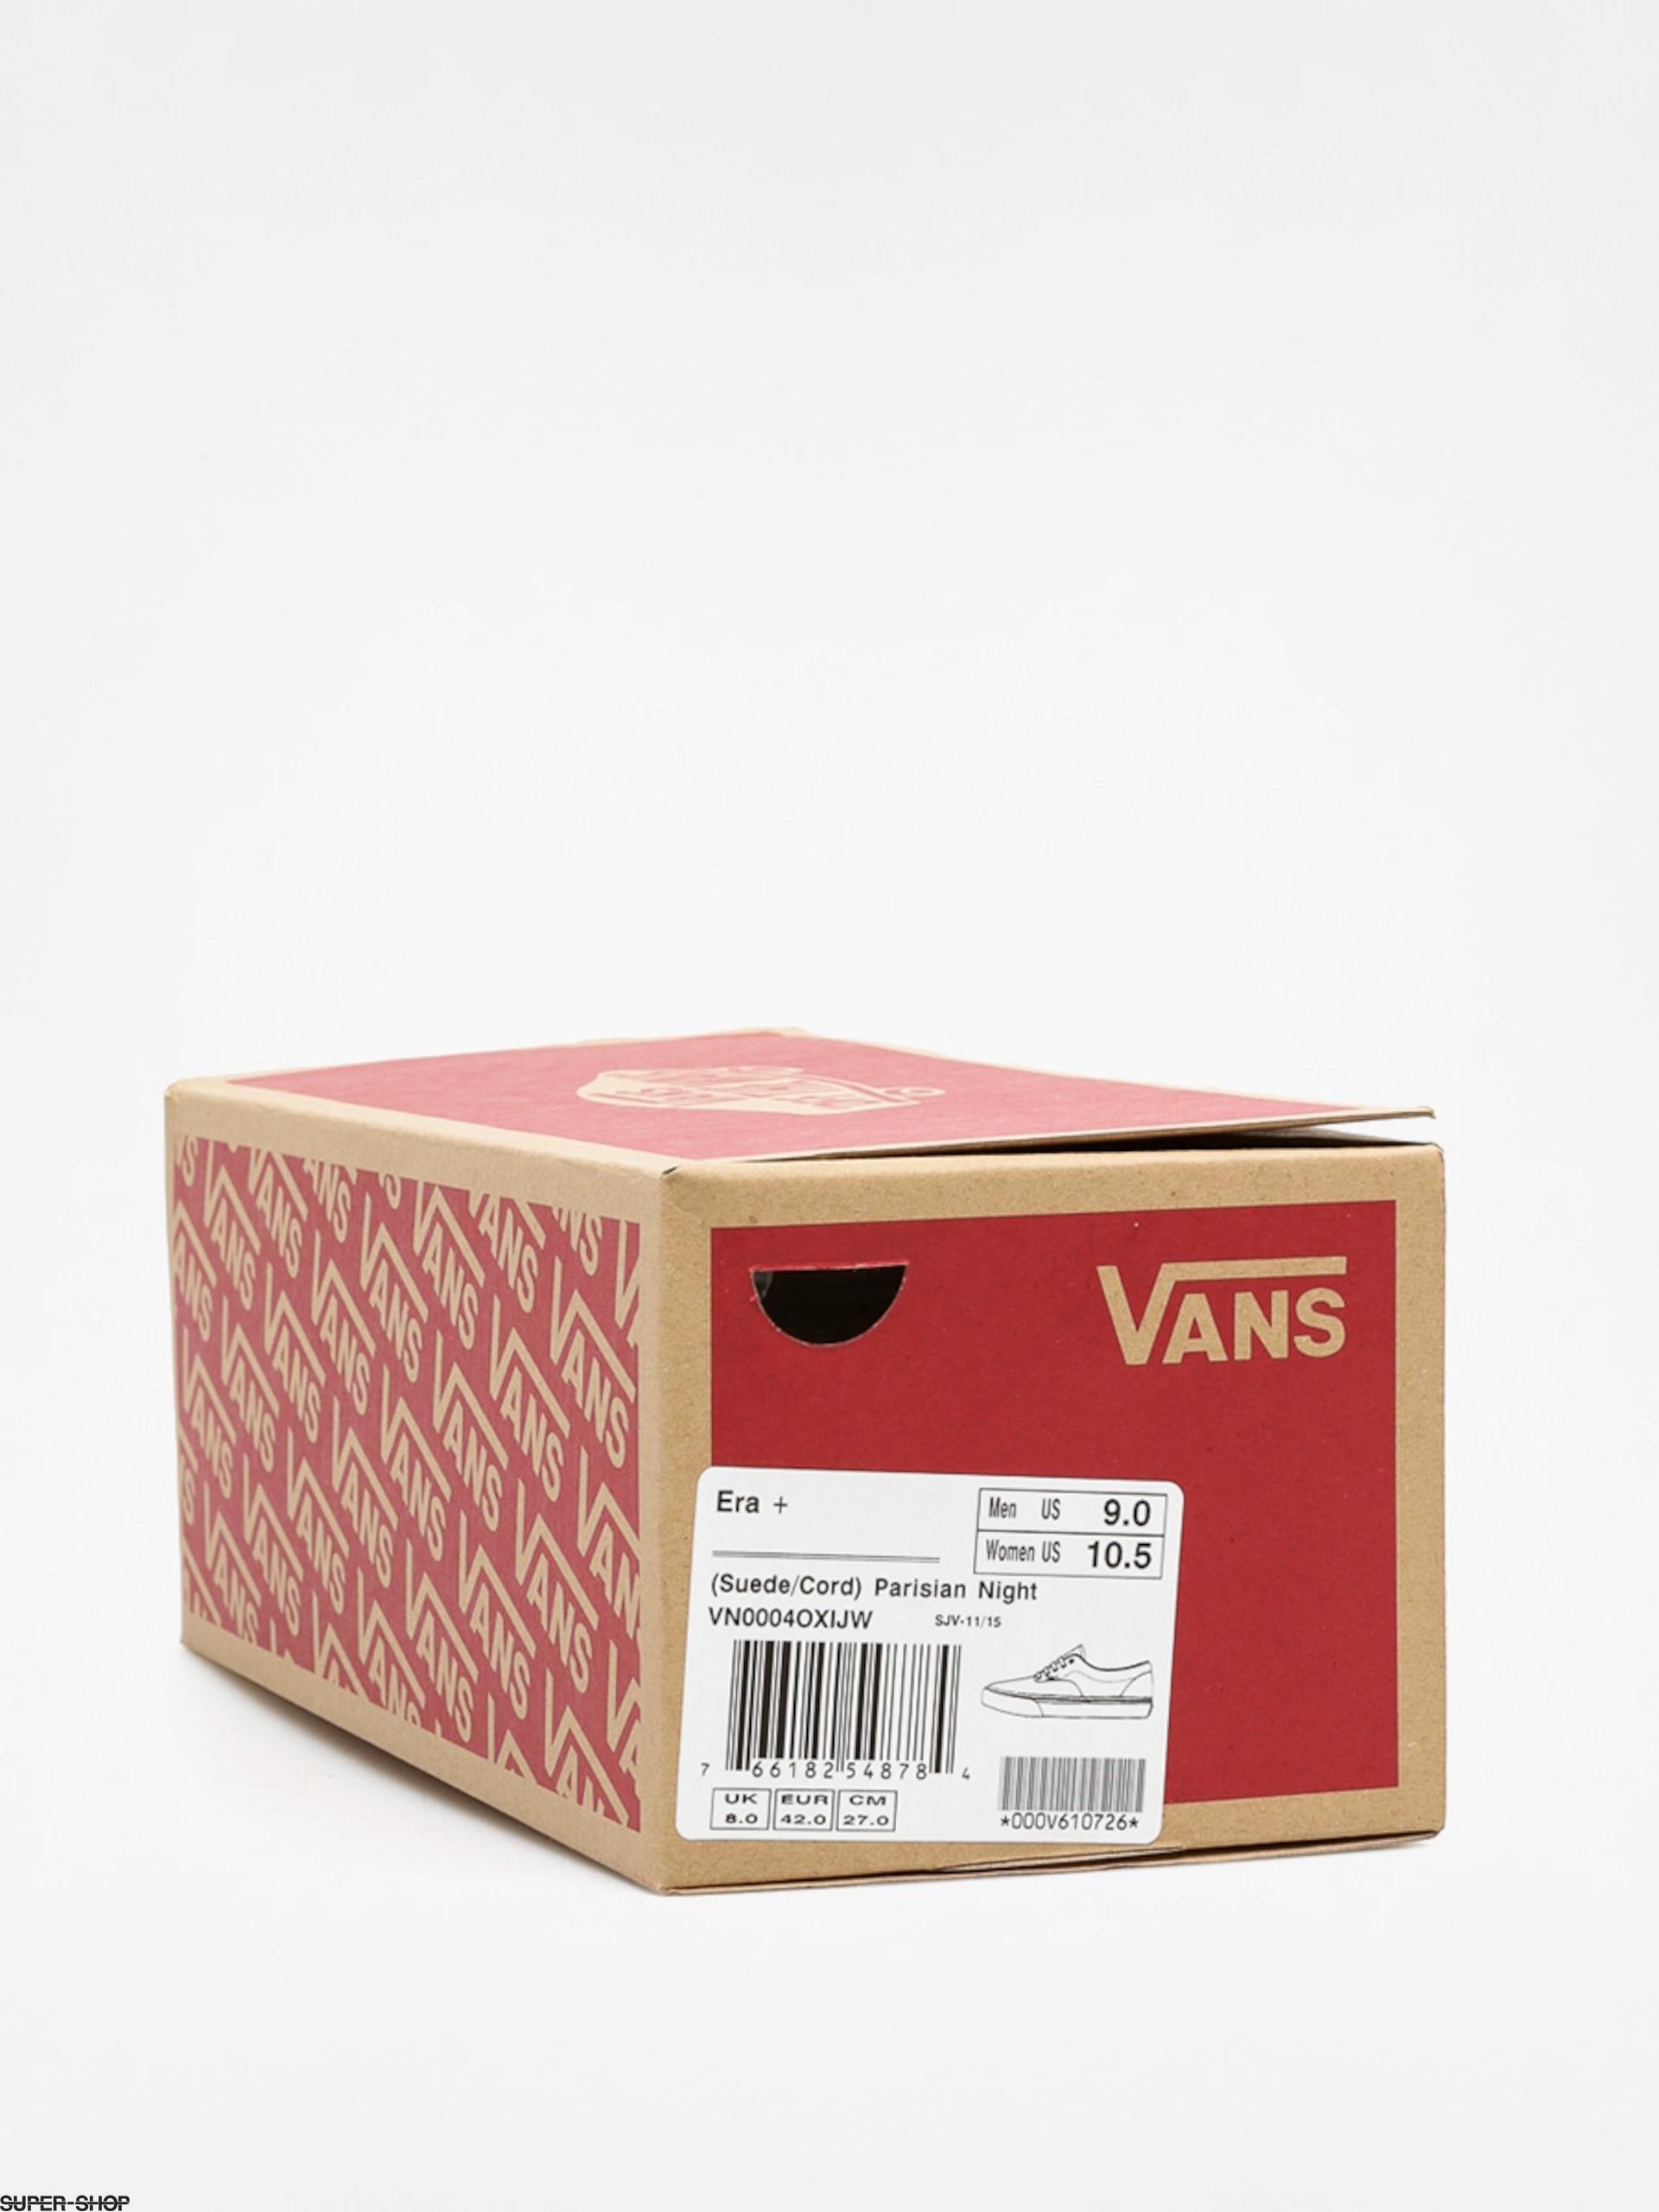 a1c2064678a Vans Shoes Era + (suede cord parisan night)